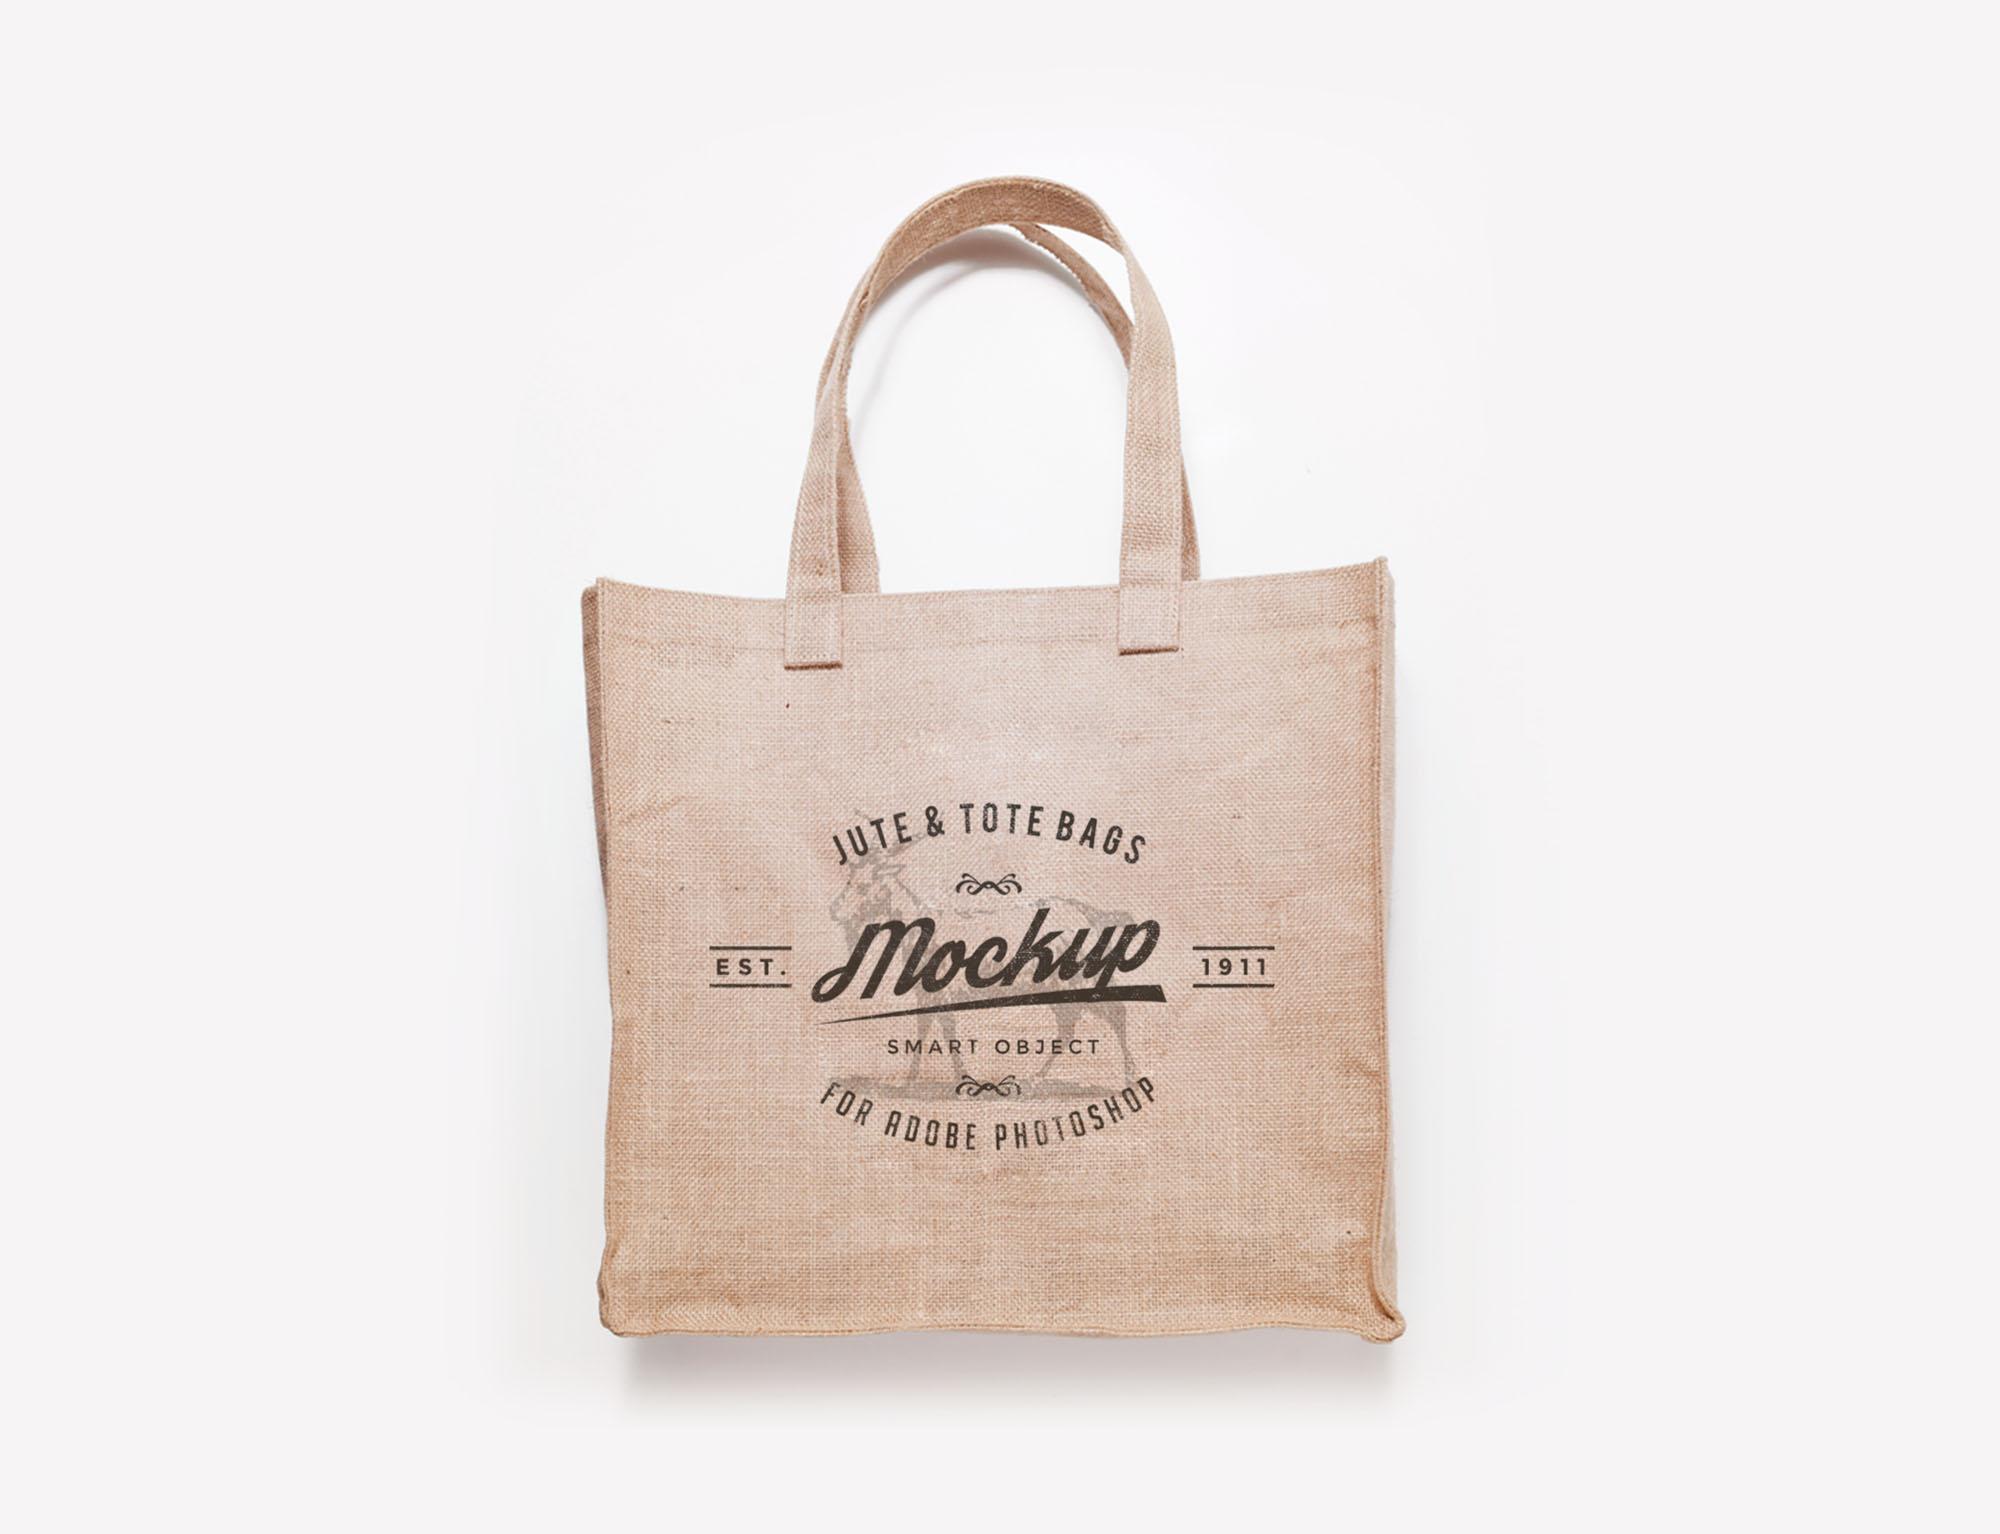 Jute Bags Mockup